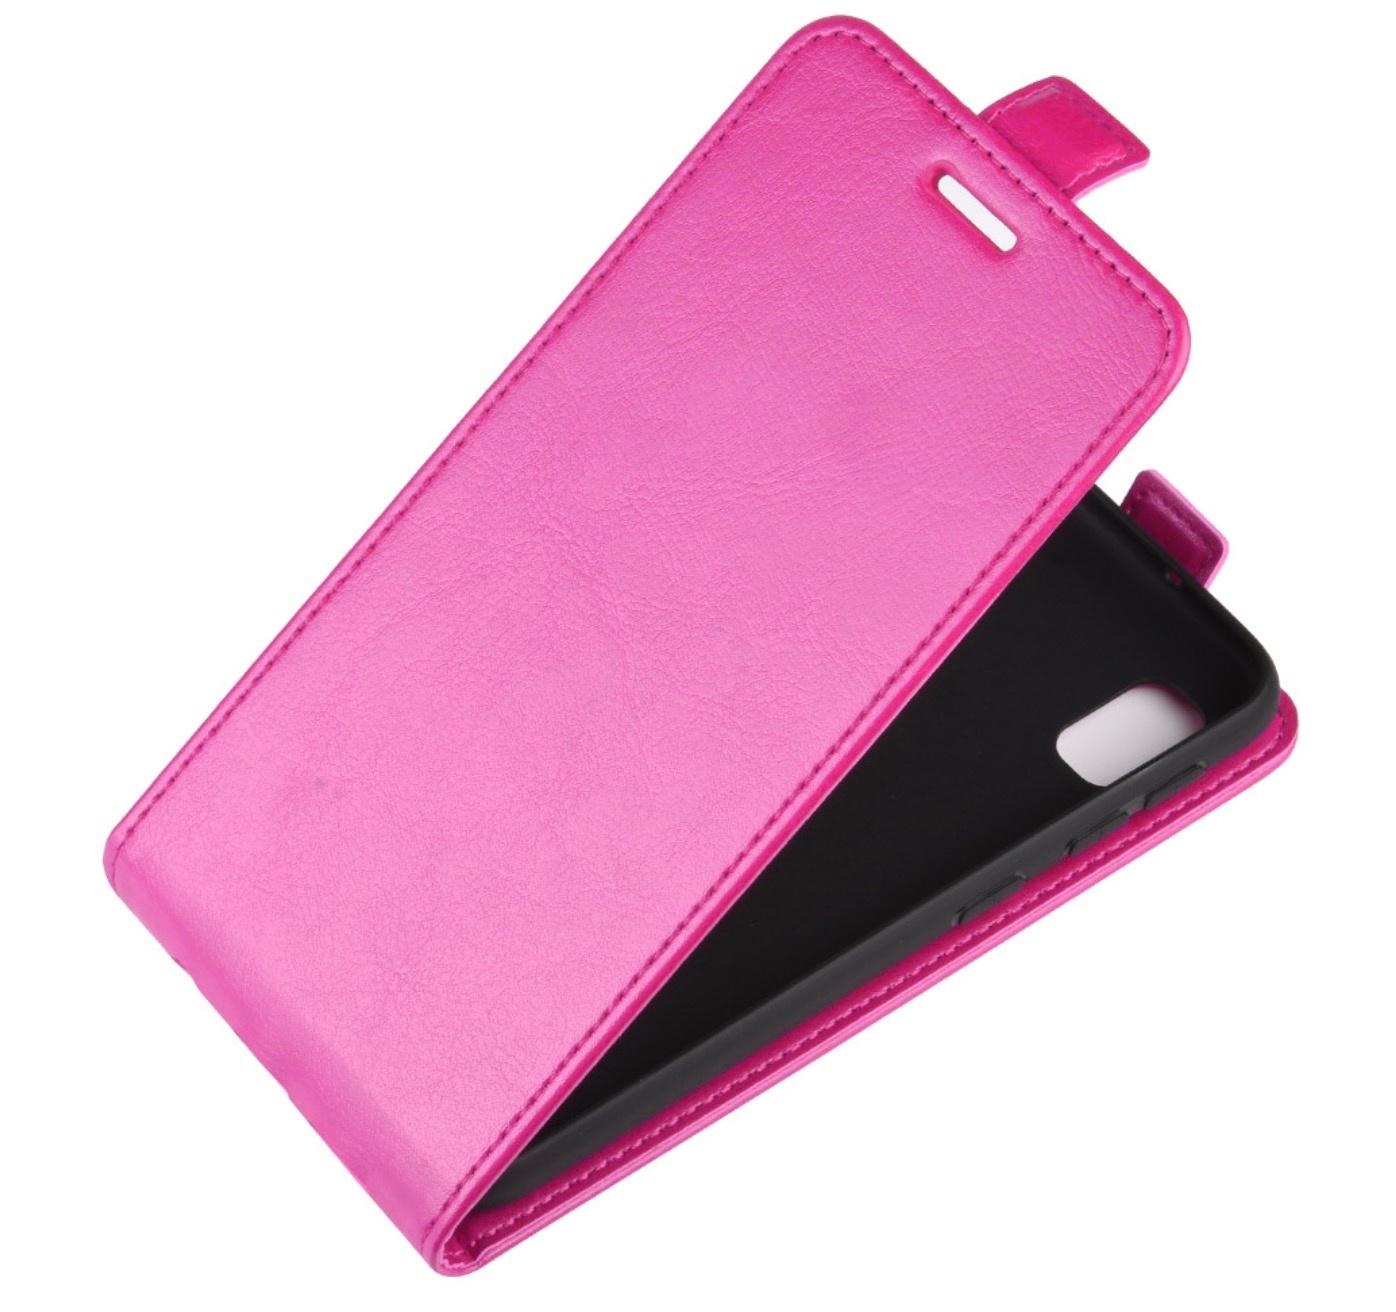 Чехол-флип MyPads для LG Google Nexus 4 E960 вертикальный откидной розовый чехол для для мобильных телефонов kbc 1 lg google nexus 5 e980 108